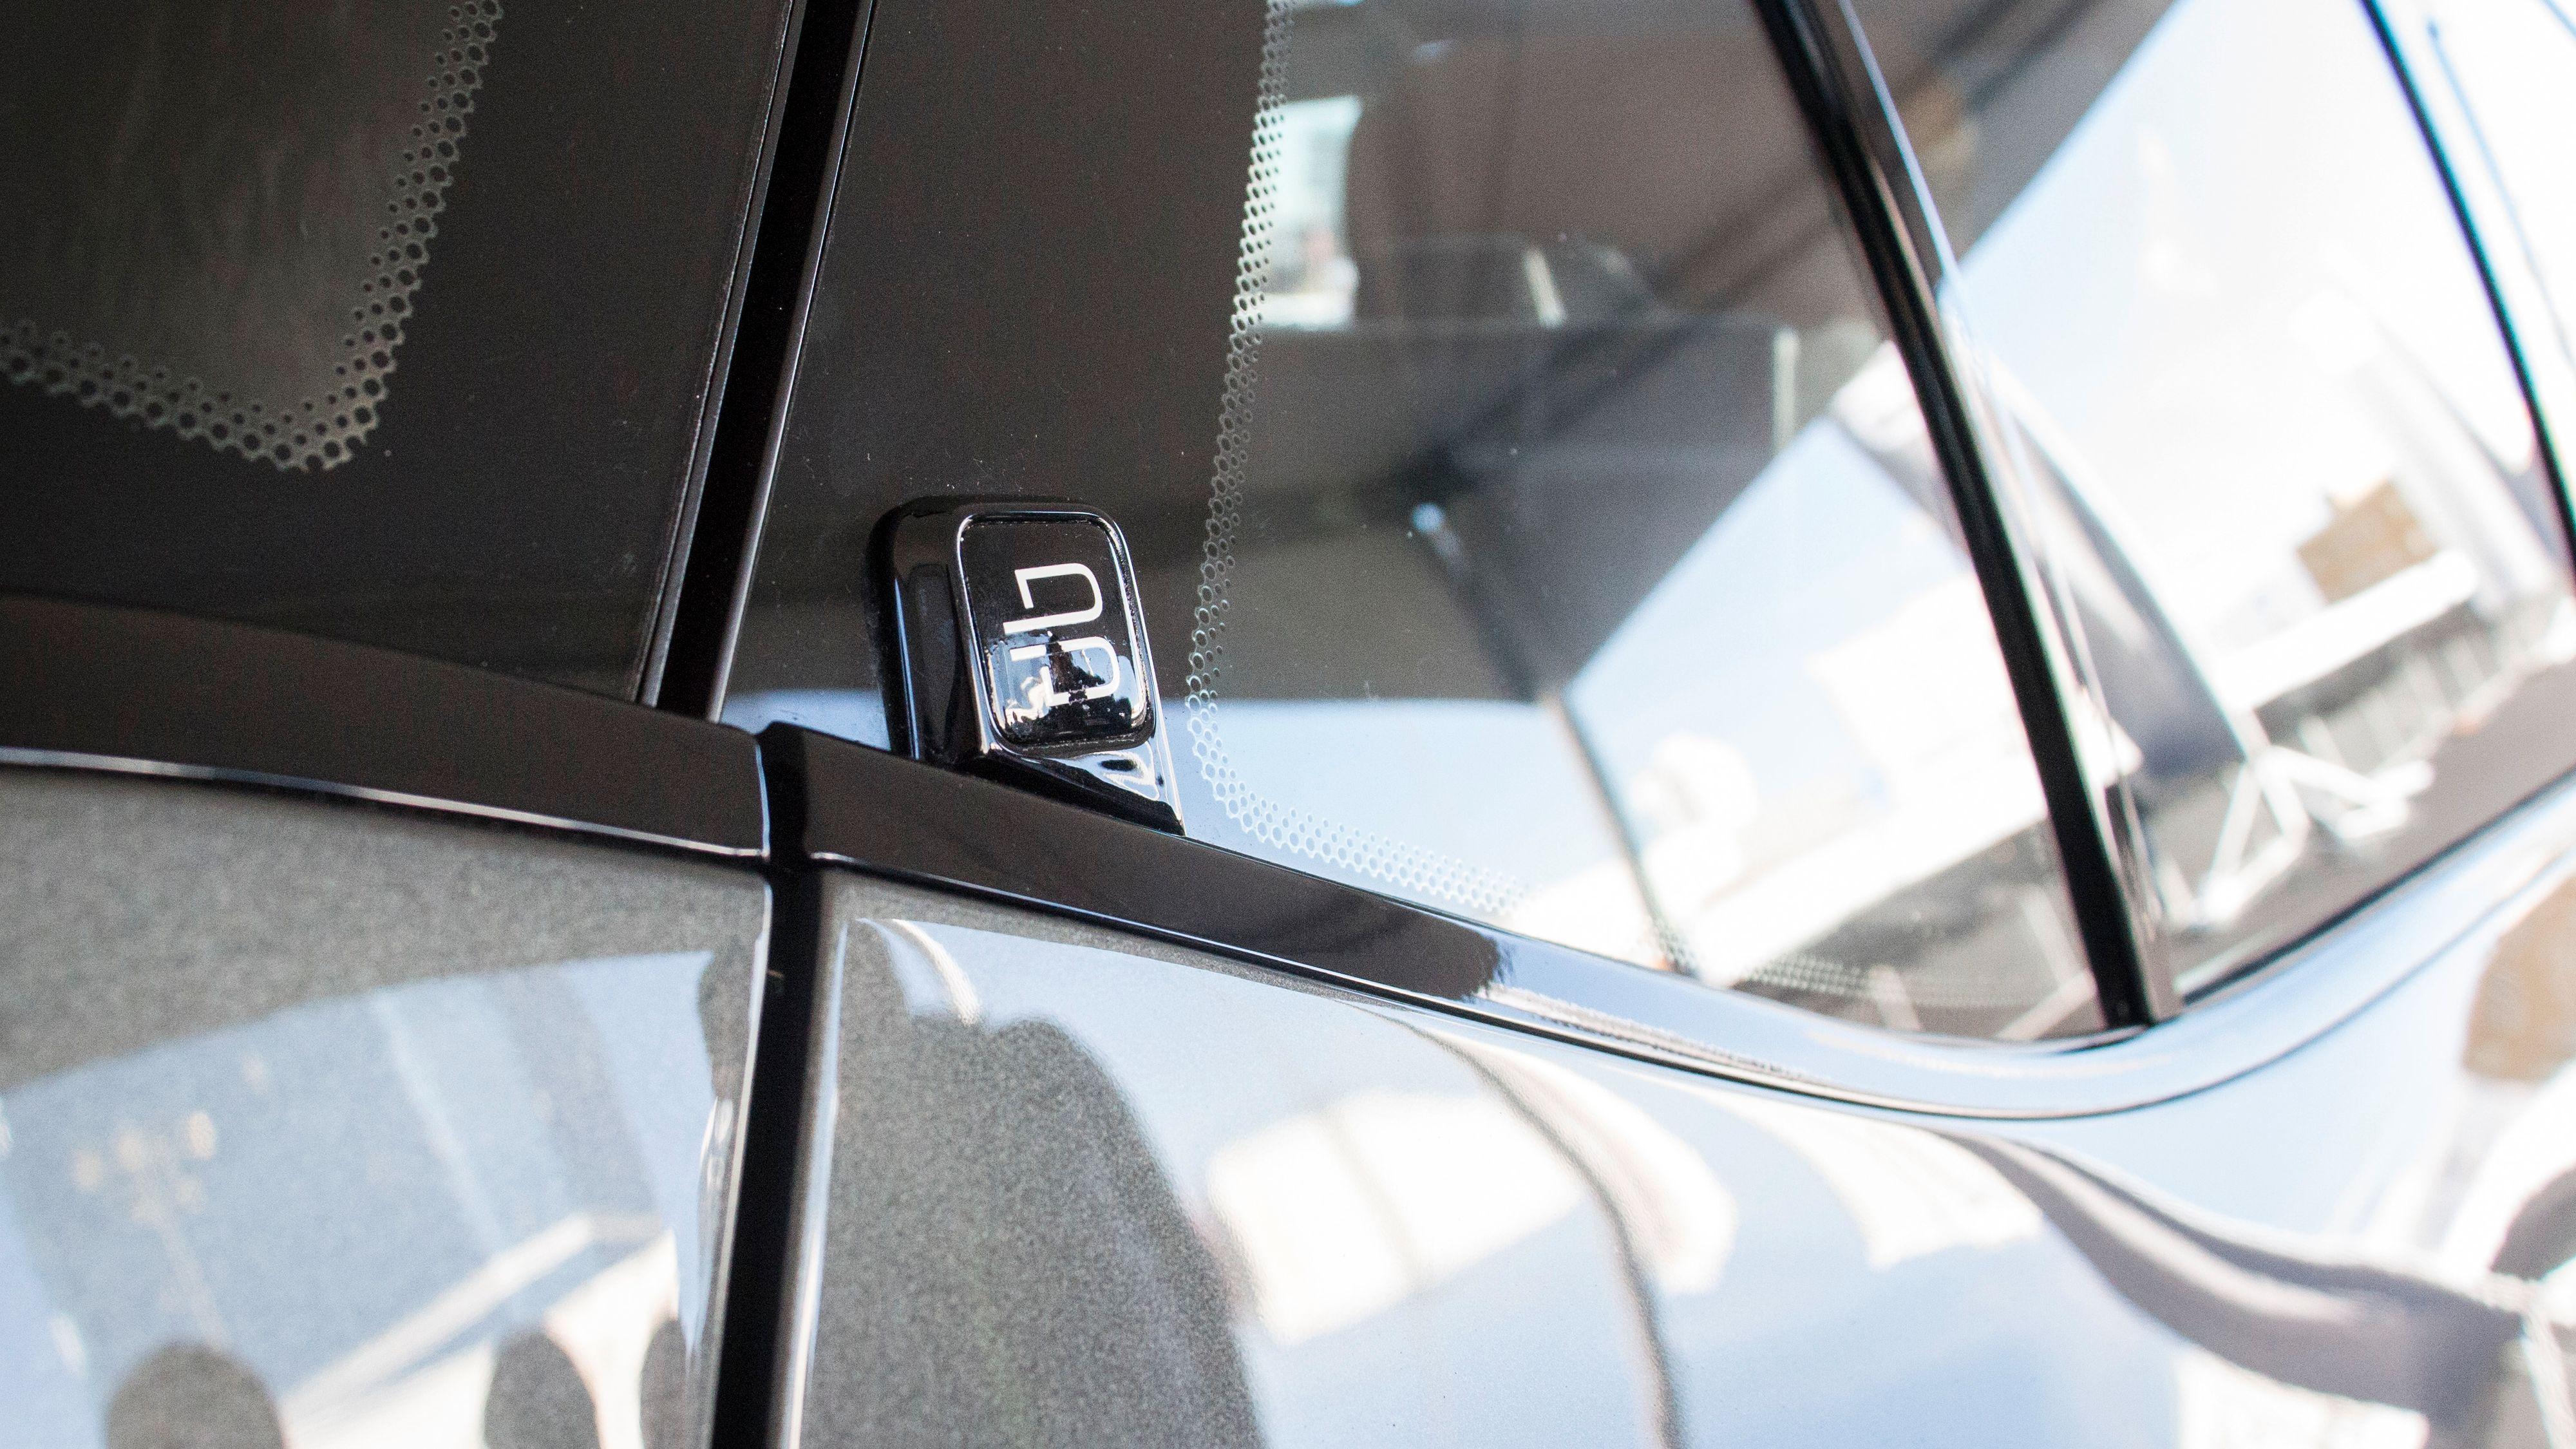 Dørene på konseptbilen åpnes ved hjelp av disse små knappene.